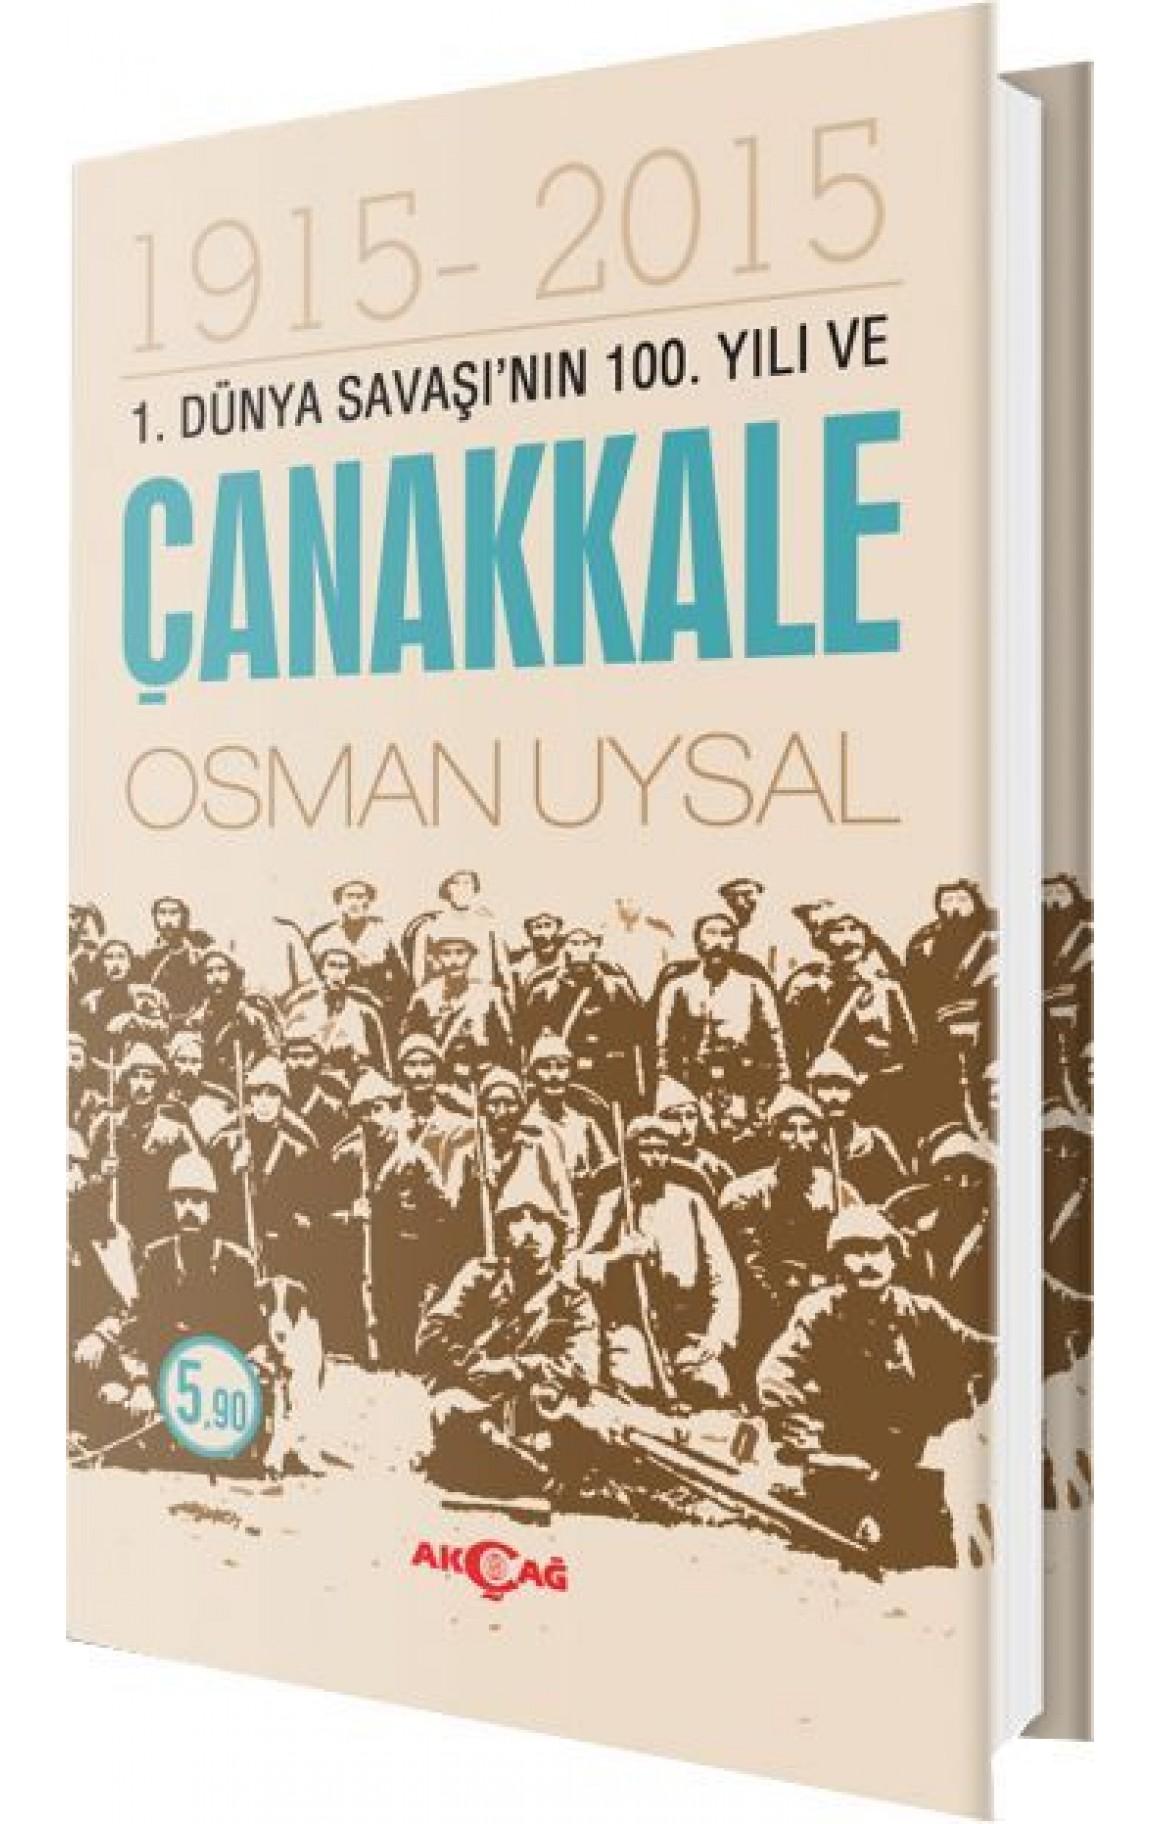 1. Dünya Savaşının 100. Yılı ve Çanakkale